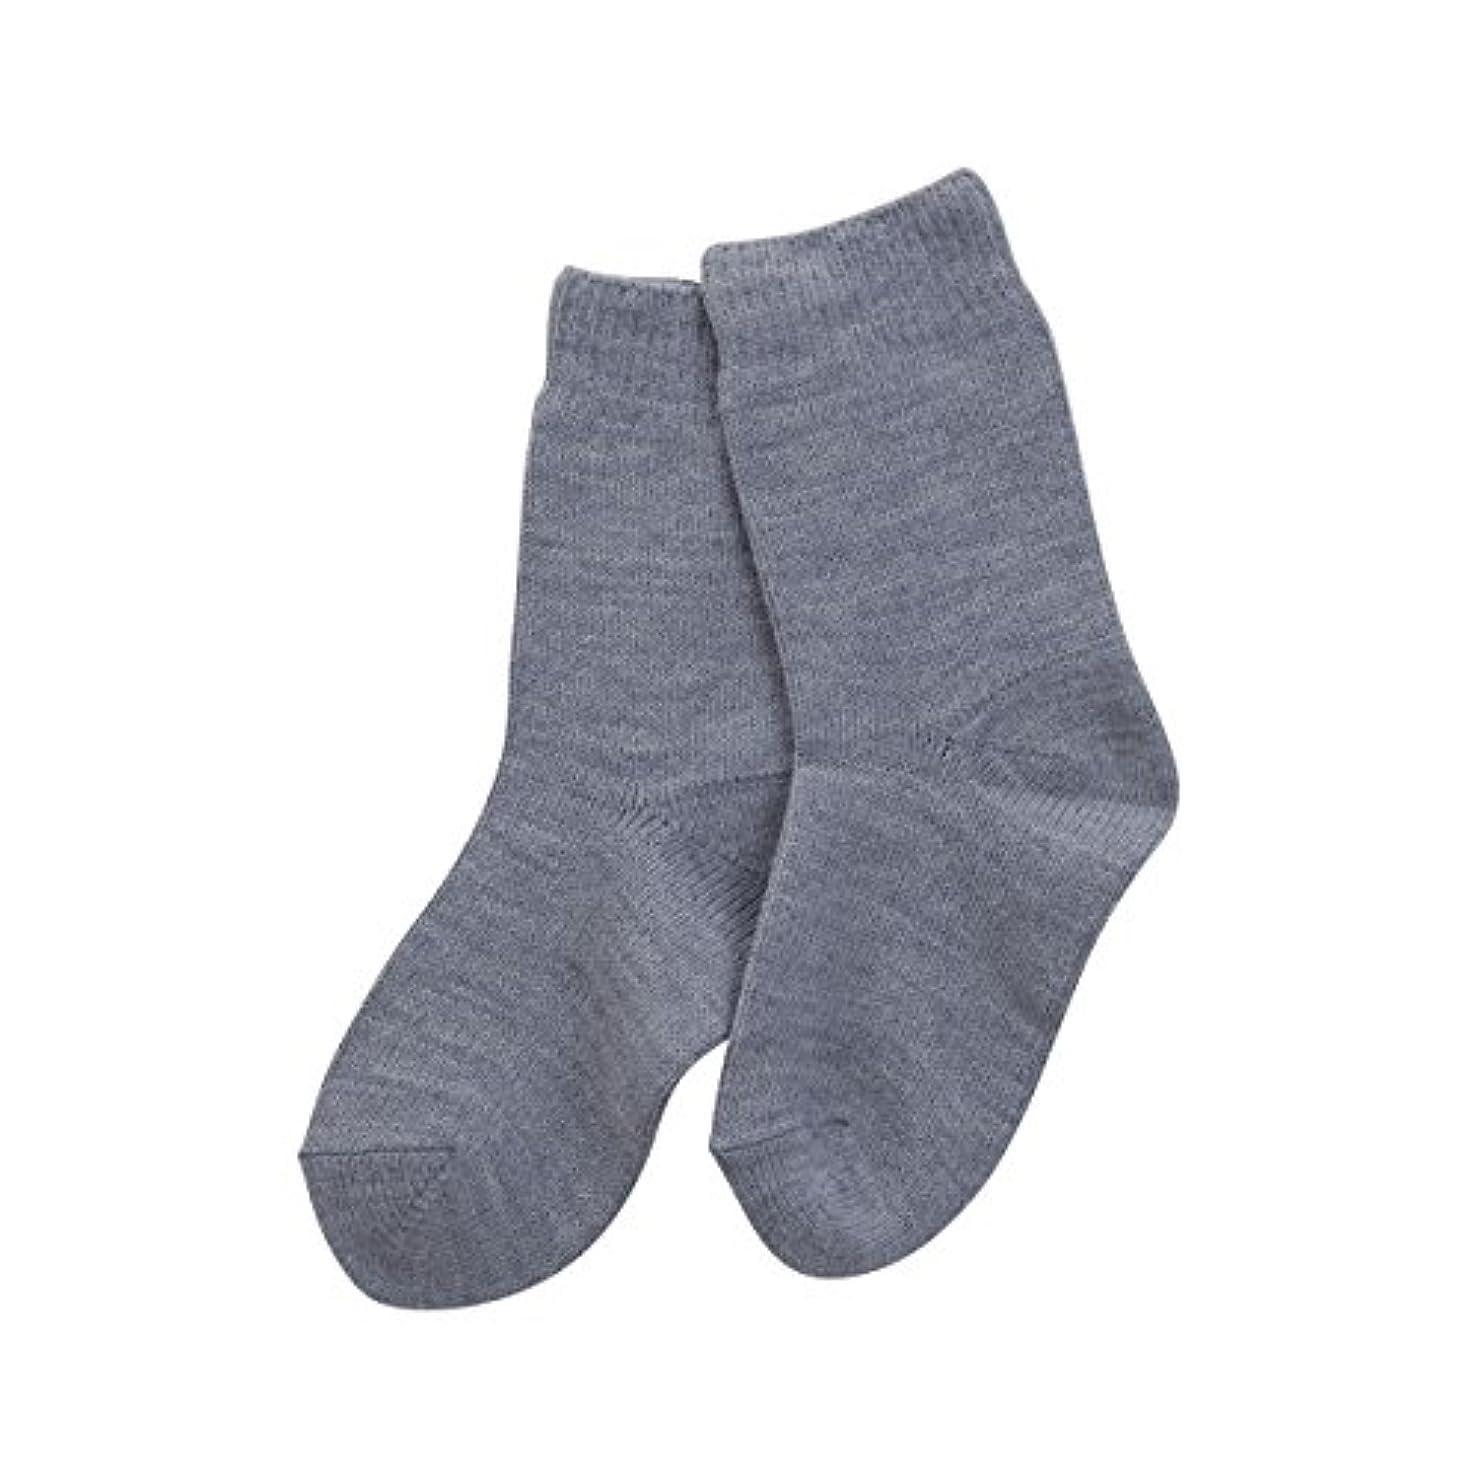 感情のベジタリアン腹(コベス) KOBES ゴムなし 毛混 超ゆったり特大サイズ 大きいサイズ 靴下 日本製 婦人靴下